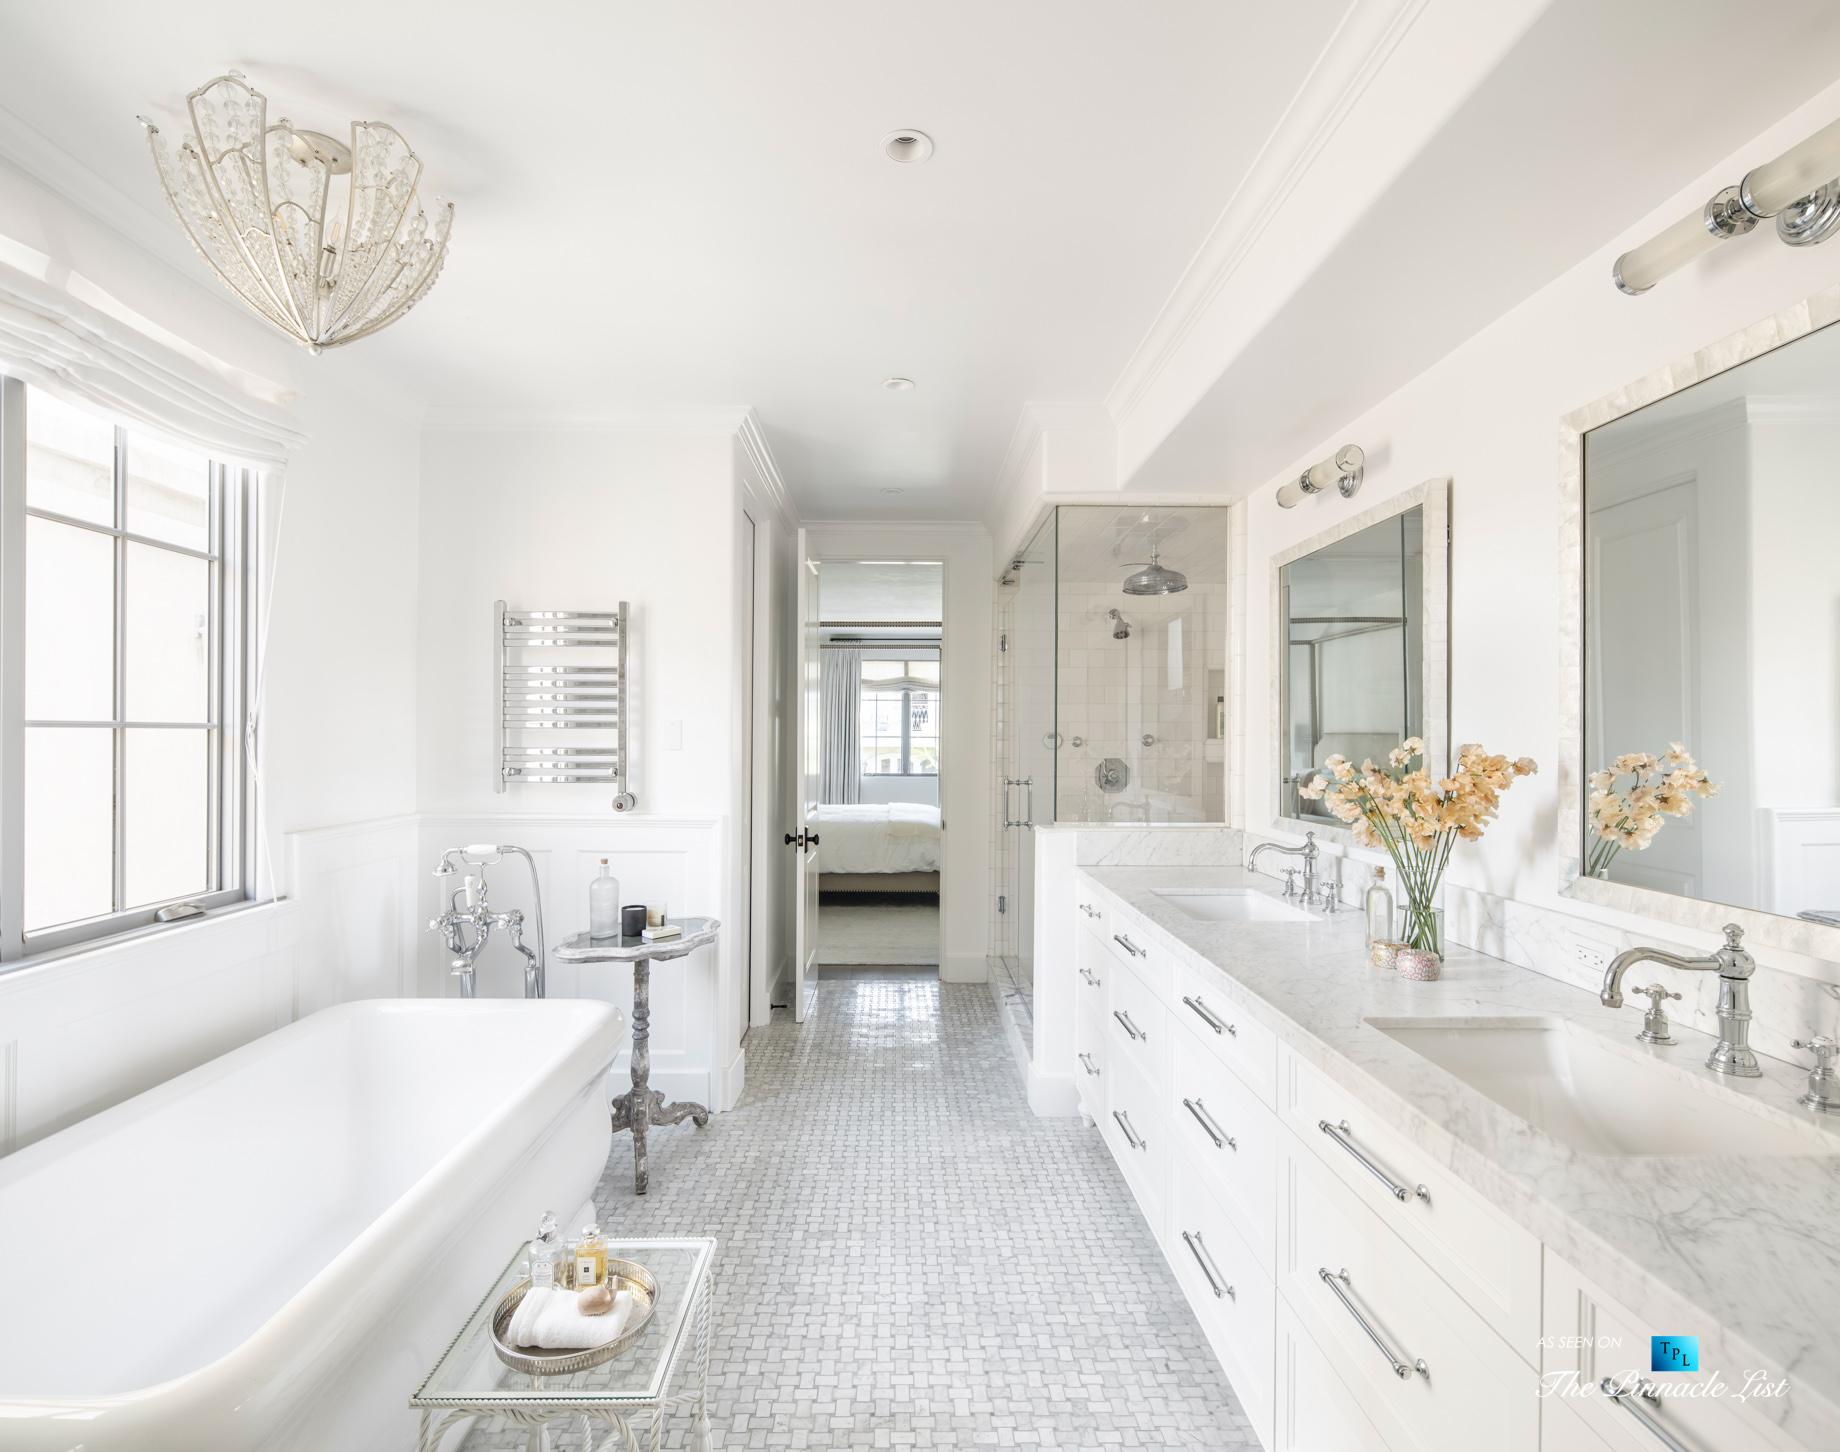 220 8th St, Manhattan Beach, CA, USA - Luxury Real Estate - Ocean View Dream Home - Master Bathroom